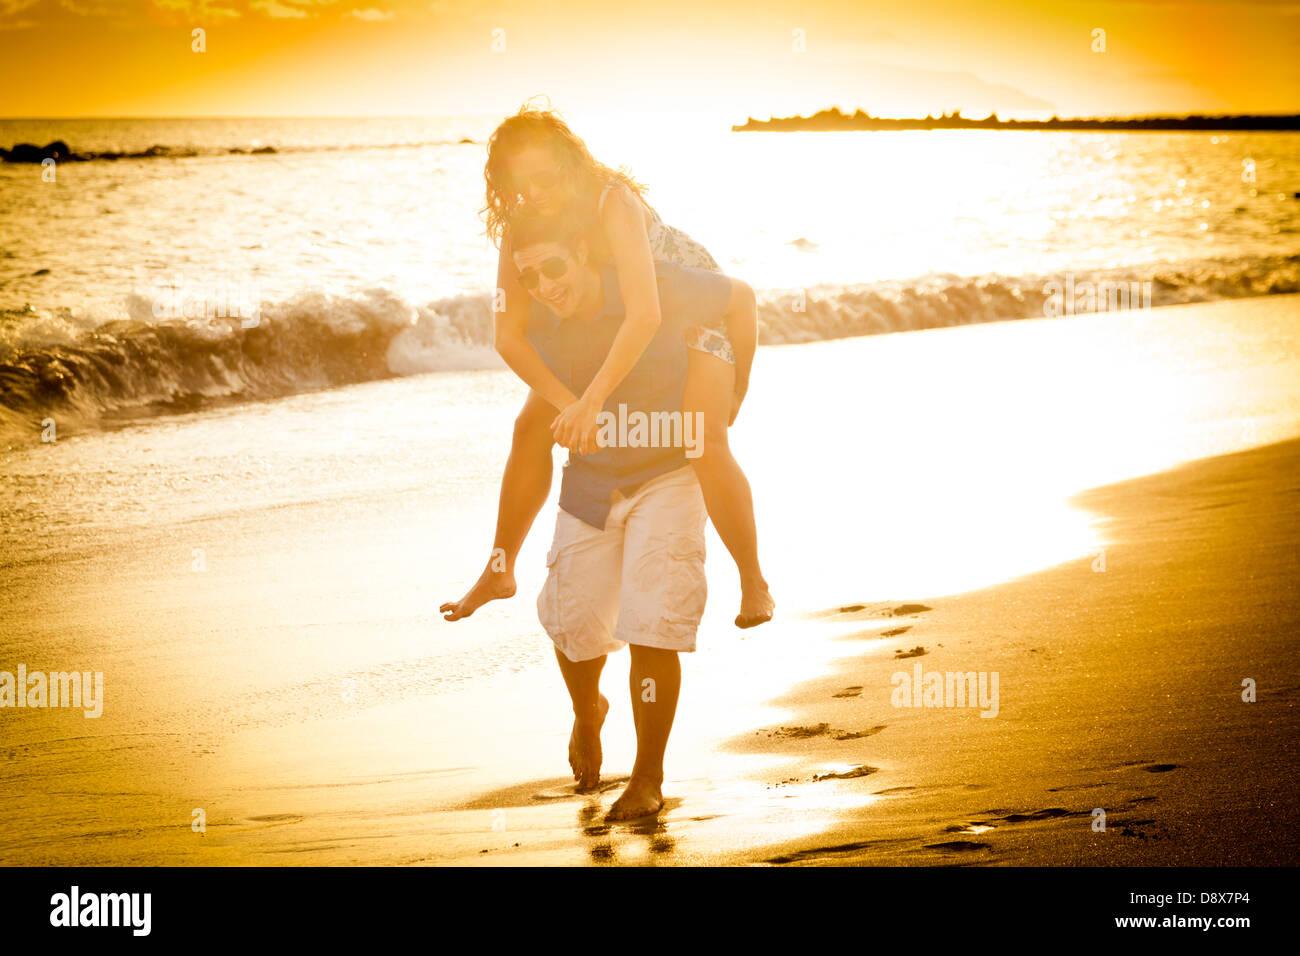 Jeune couple sur la plage à jouer sur le rivage il carry son style piggy back Photo Stock